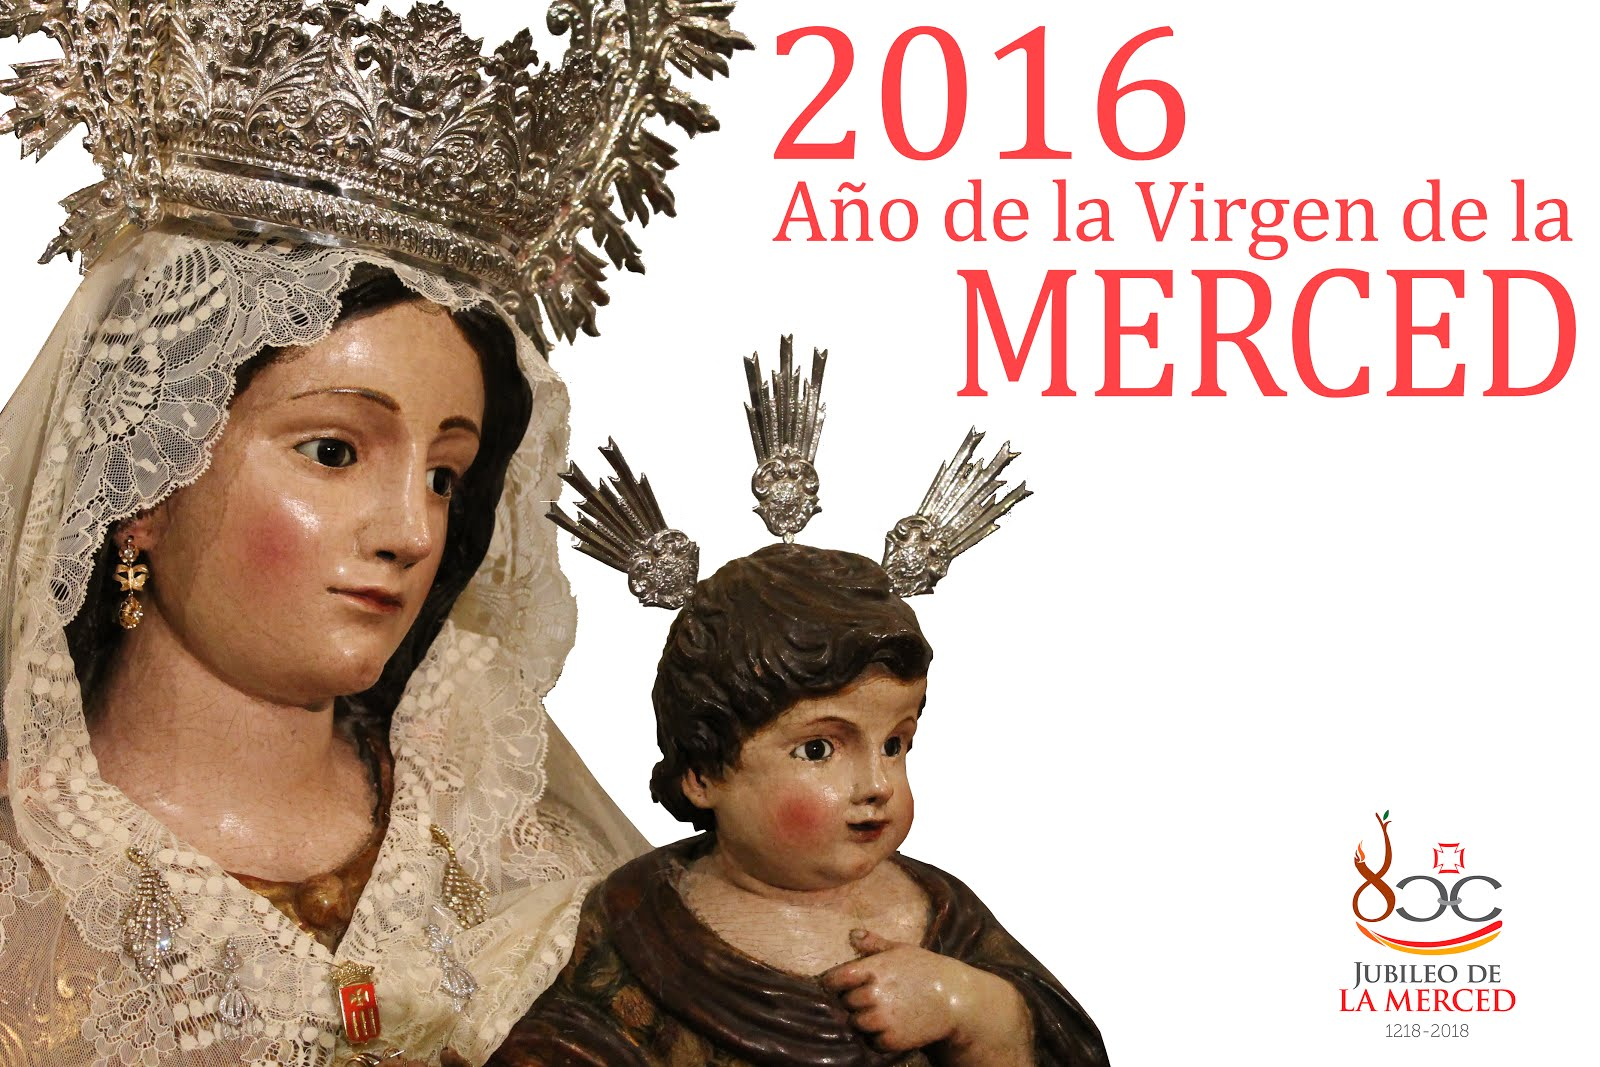 Año de la Virgen de la Merced